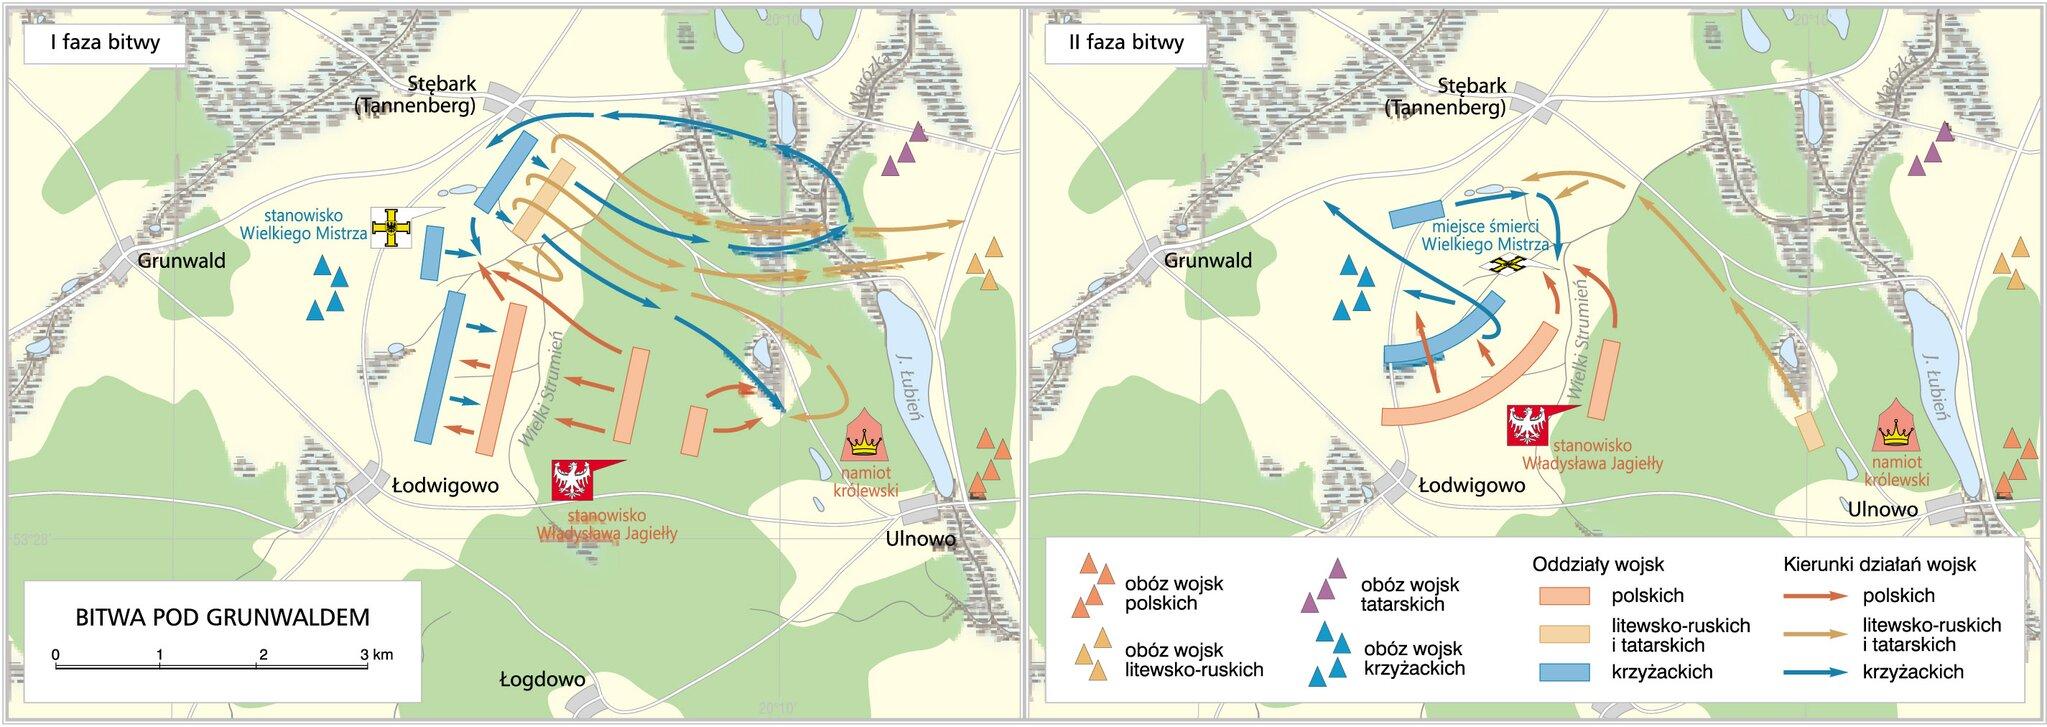 Bitwa pod Grunwaldem 1410r.